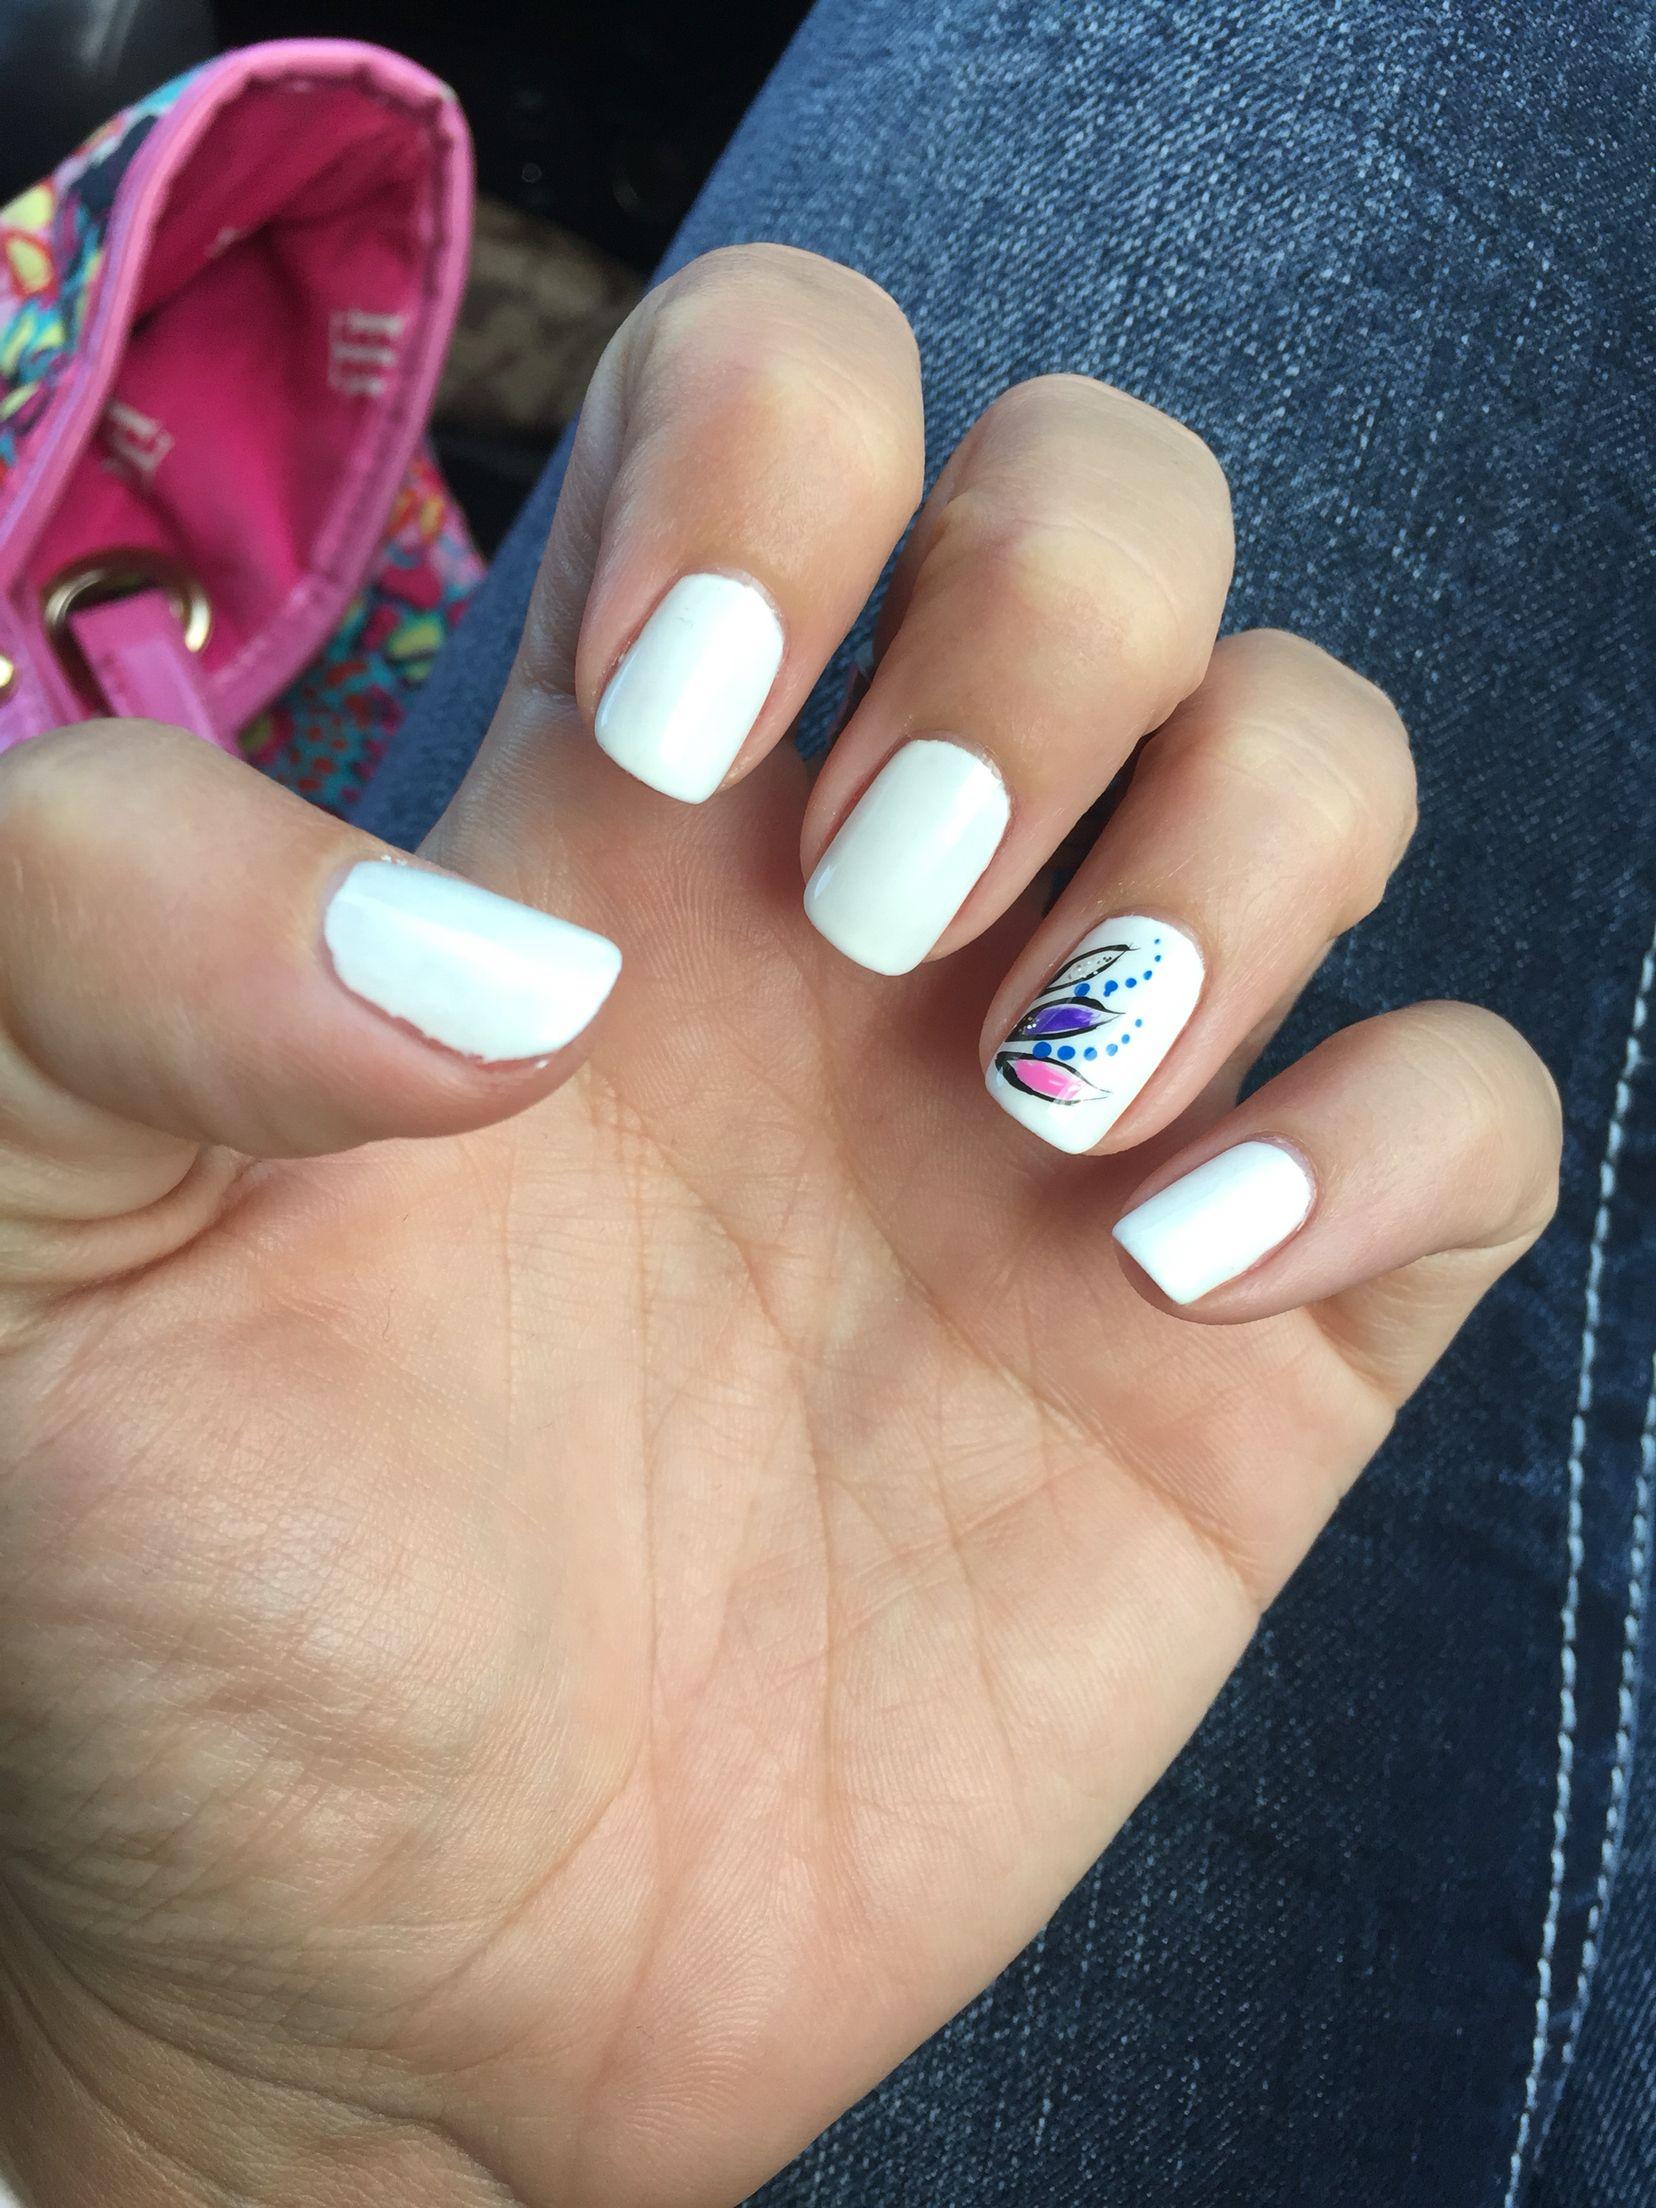 Gel nails white nails beach nails summer nails vacation nails gel nails white nails beach nails summer nails vacation nails accent mightylinksfo